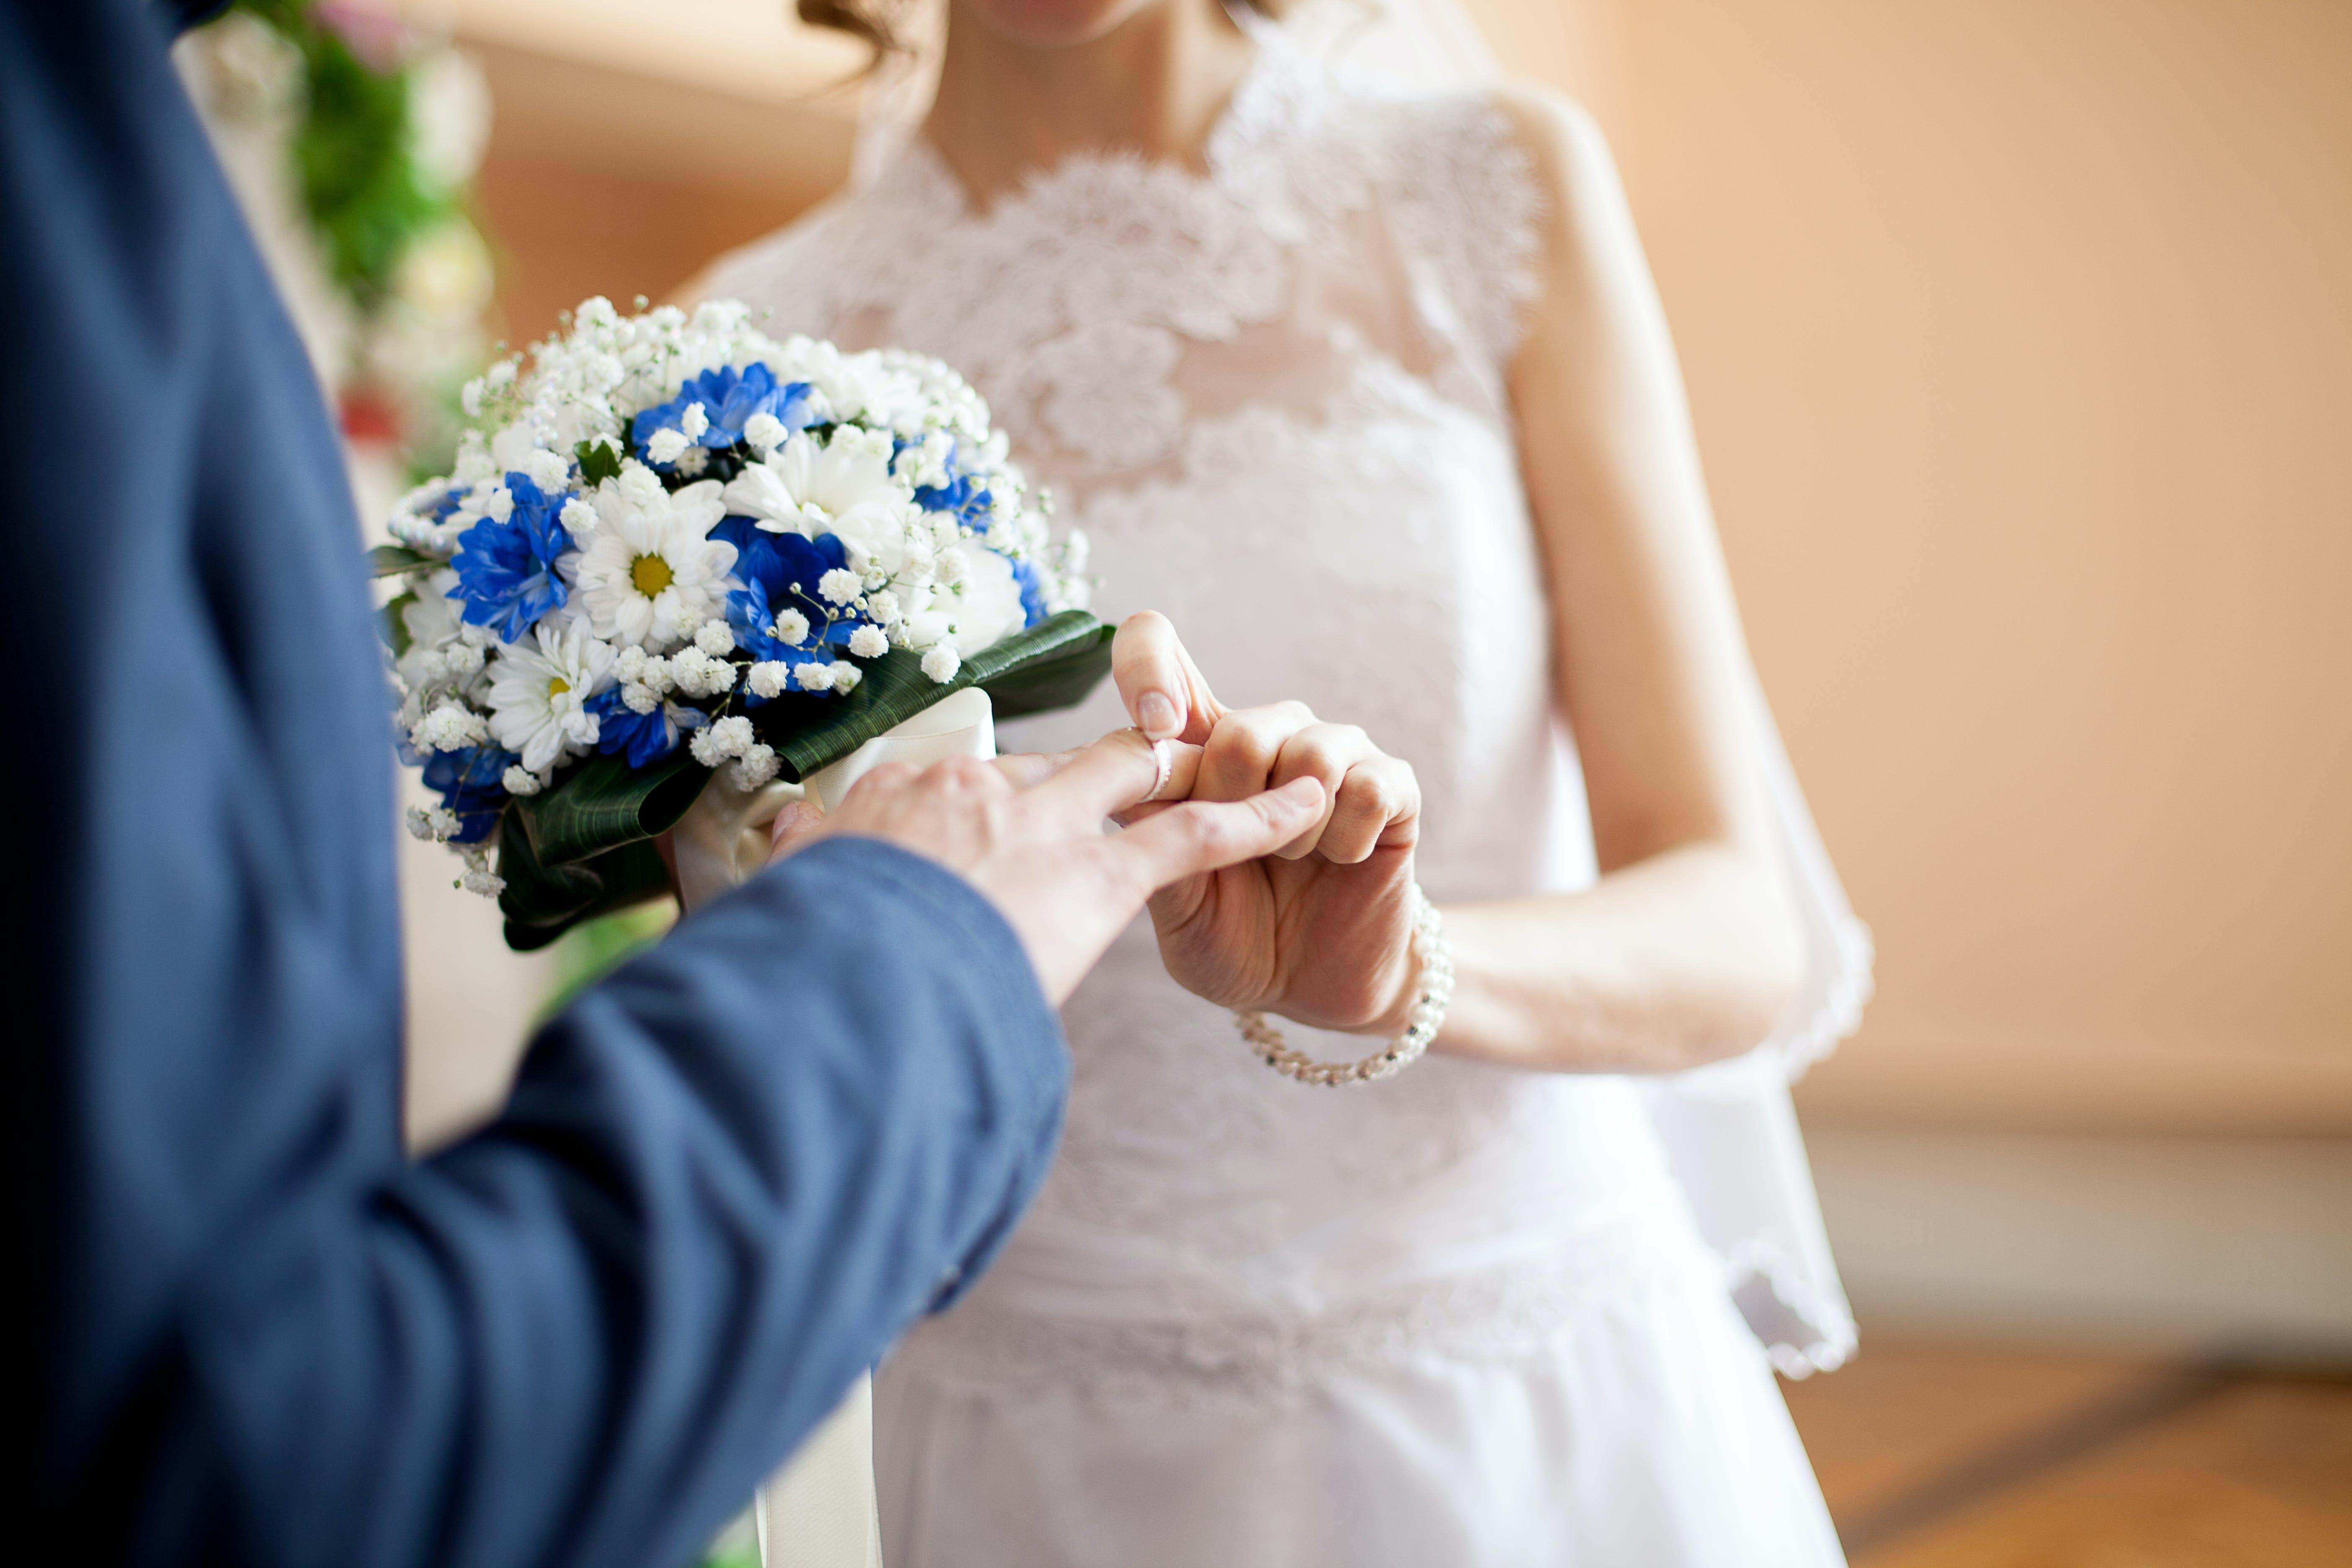 Kostenloses Stock Foto zu blumen, blumenstrauß, braut und bräutigam, bräutigam